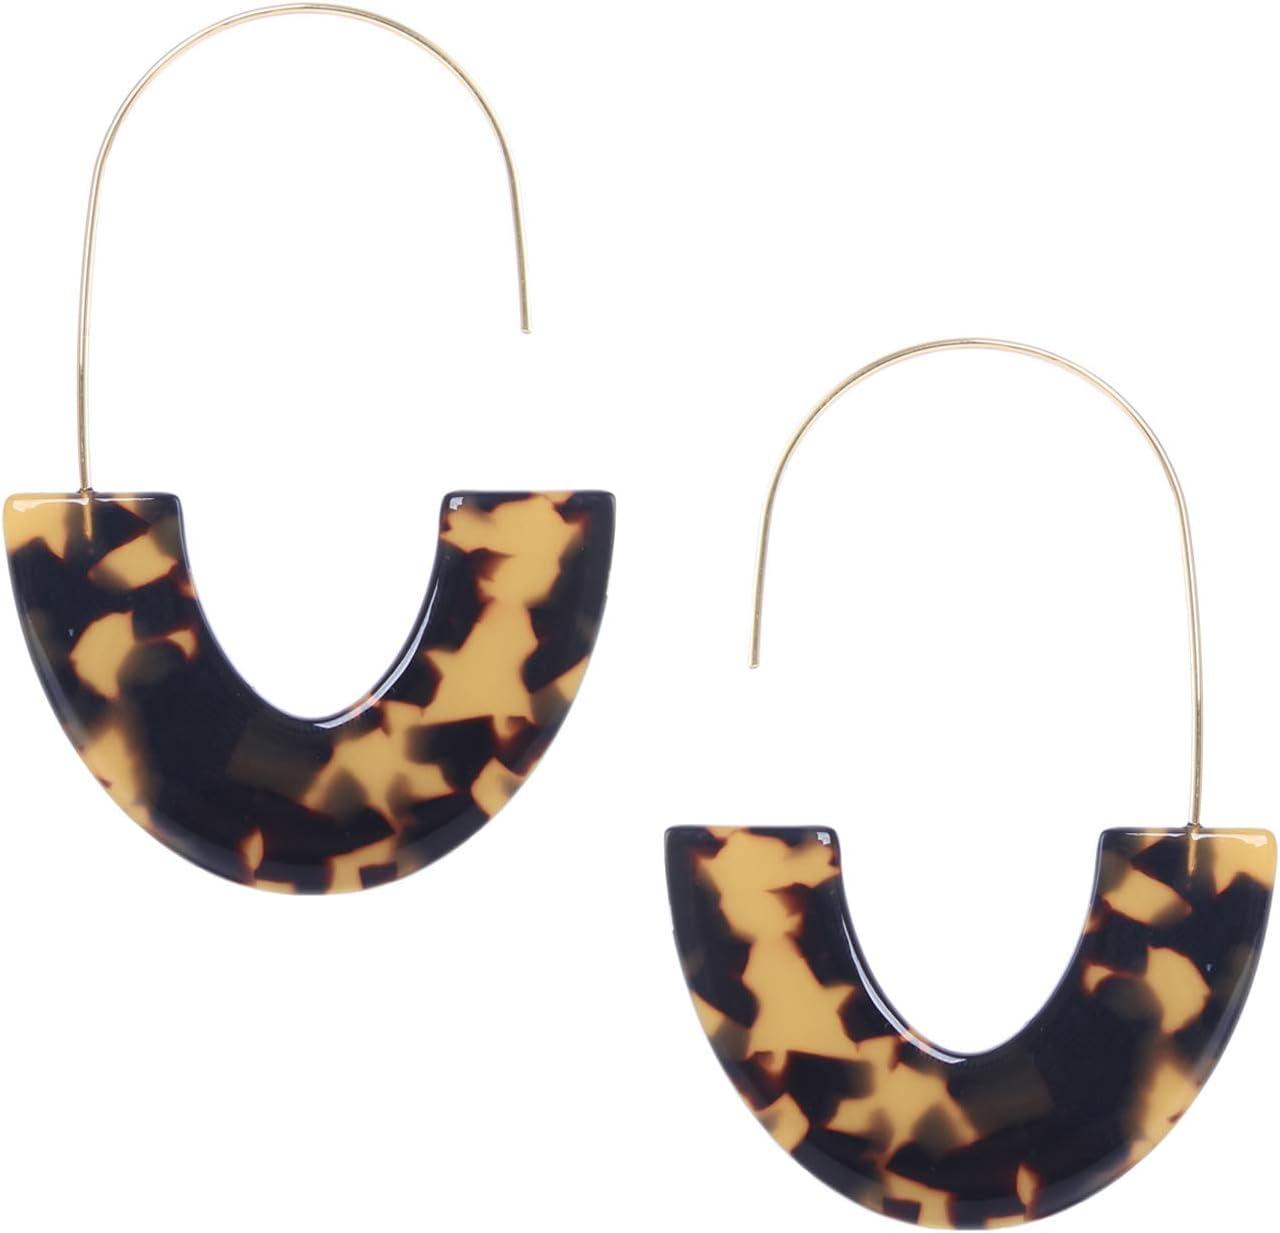 Ouinne 2 Paires Leopard Marbr/é Boucles doreilles Boh/ème R/ésine Acrylique Hoops Boucles doreilles pour Femmes